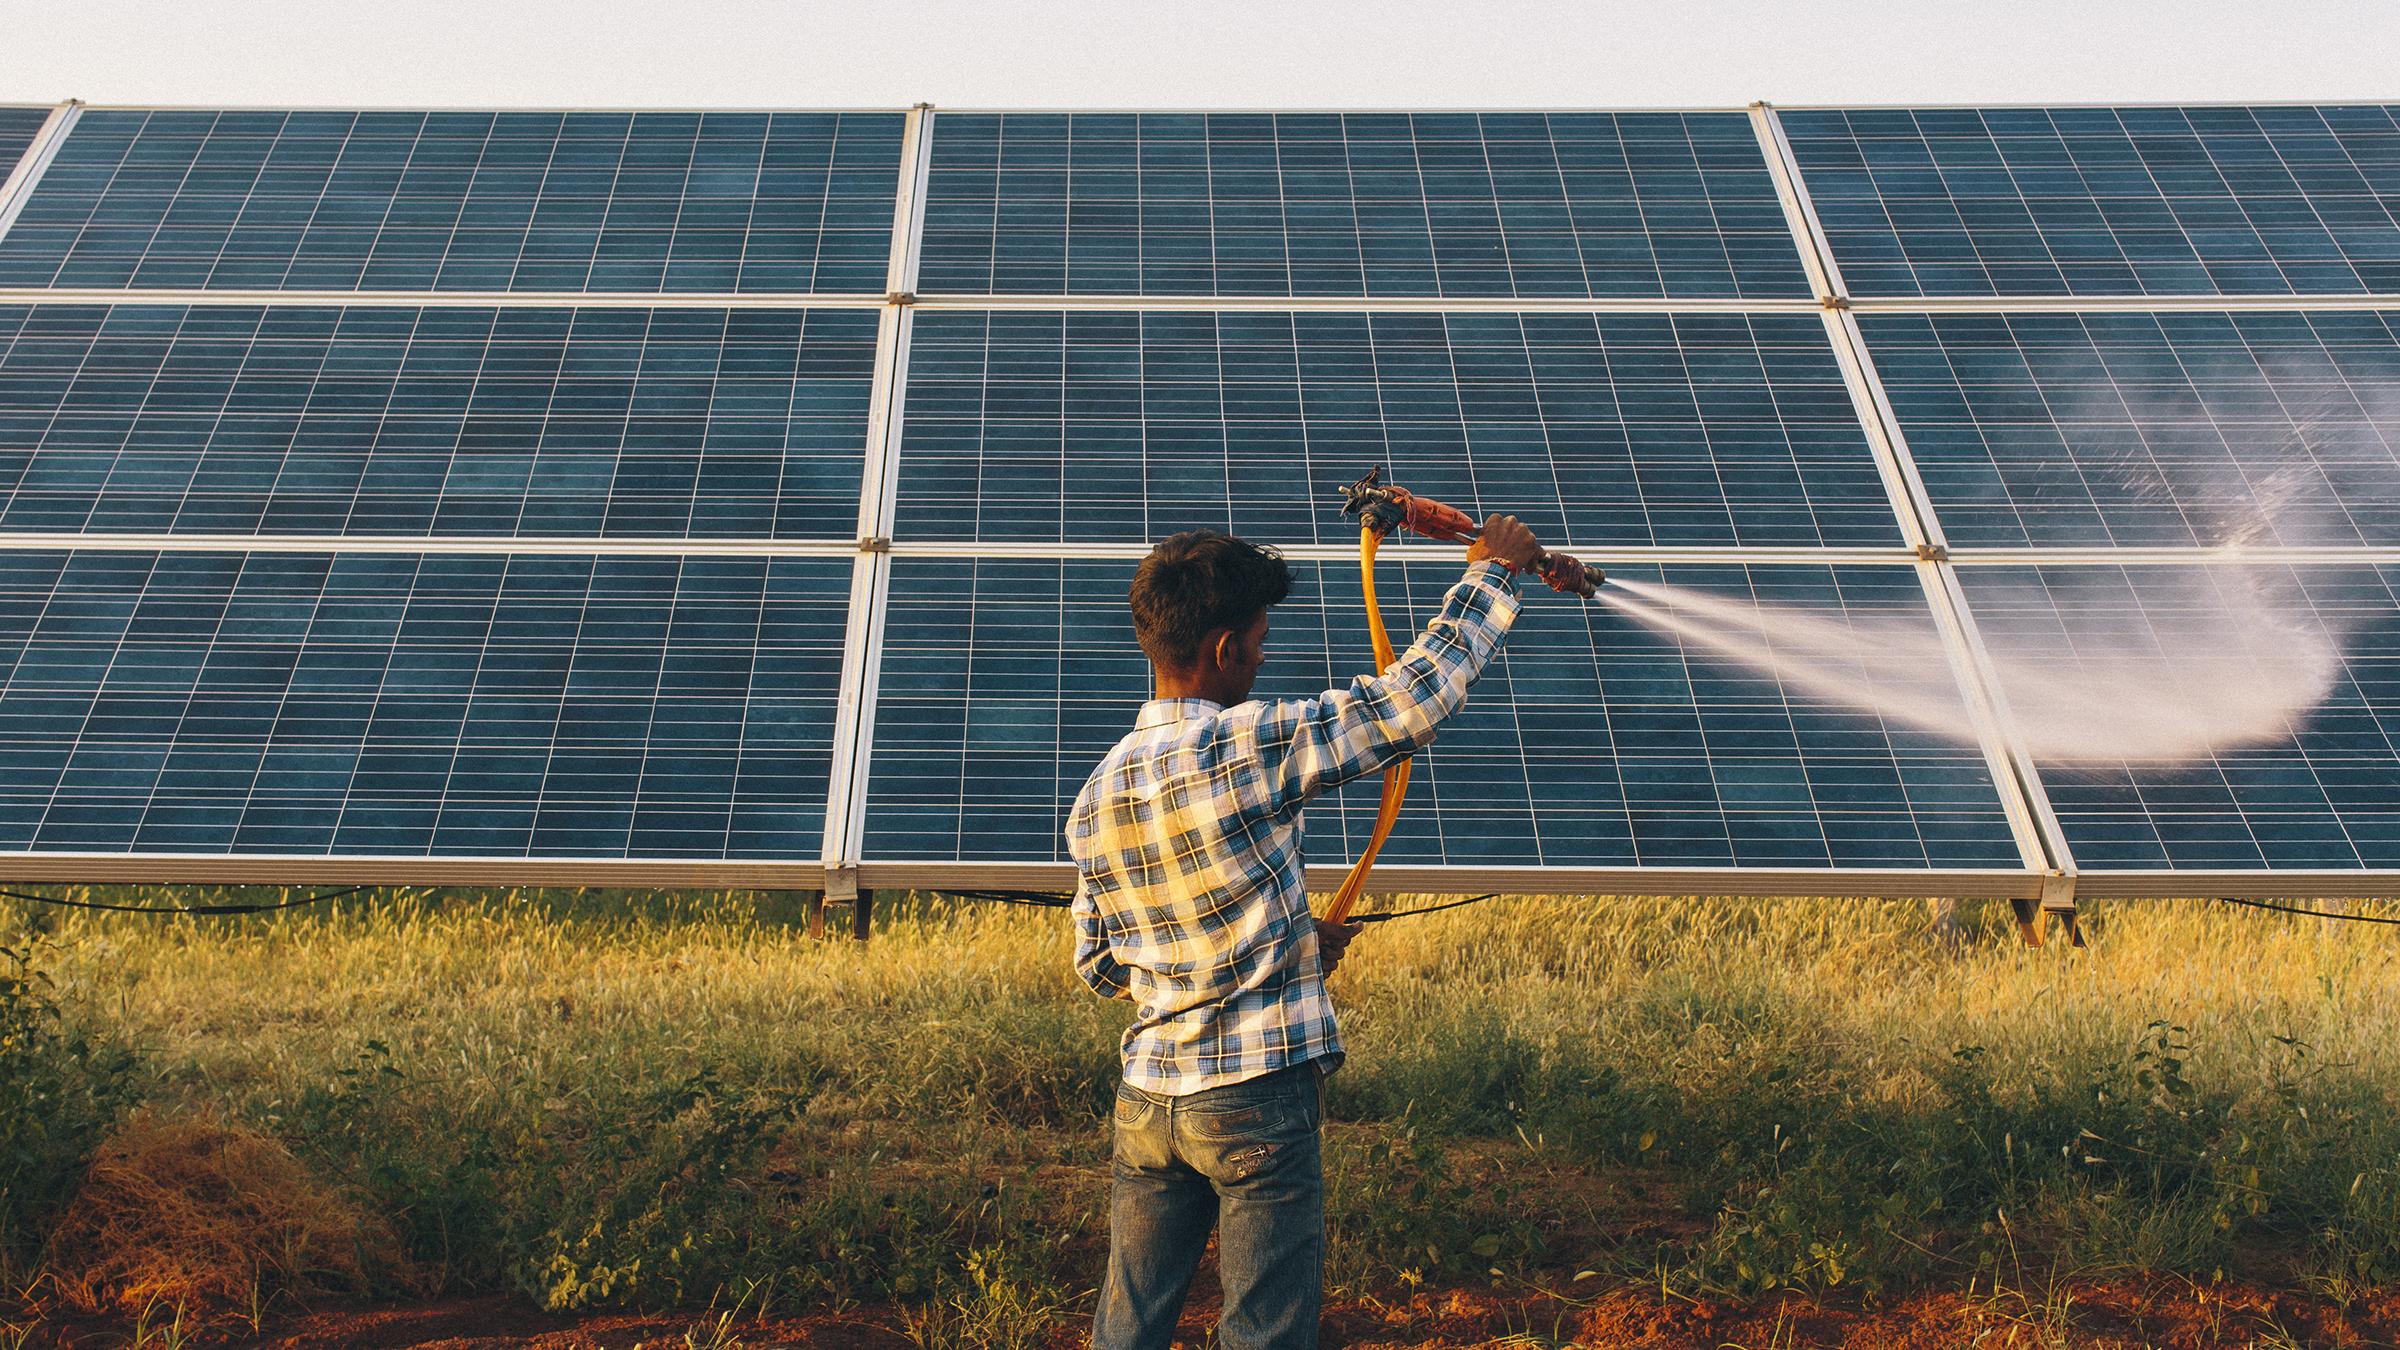 Energia solar de agricultores